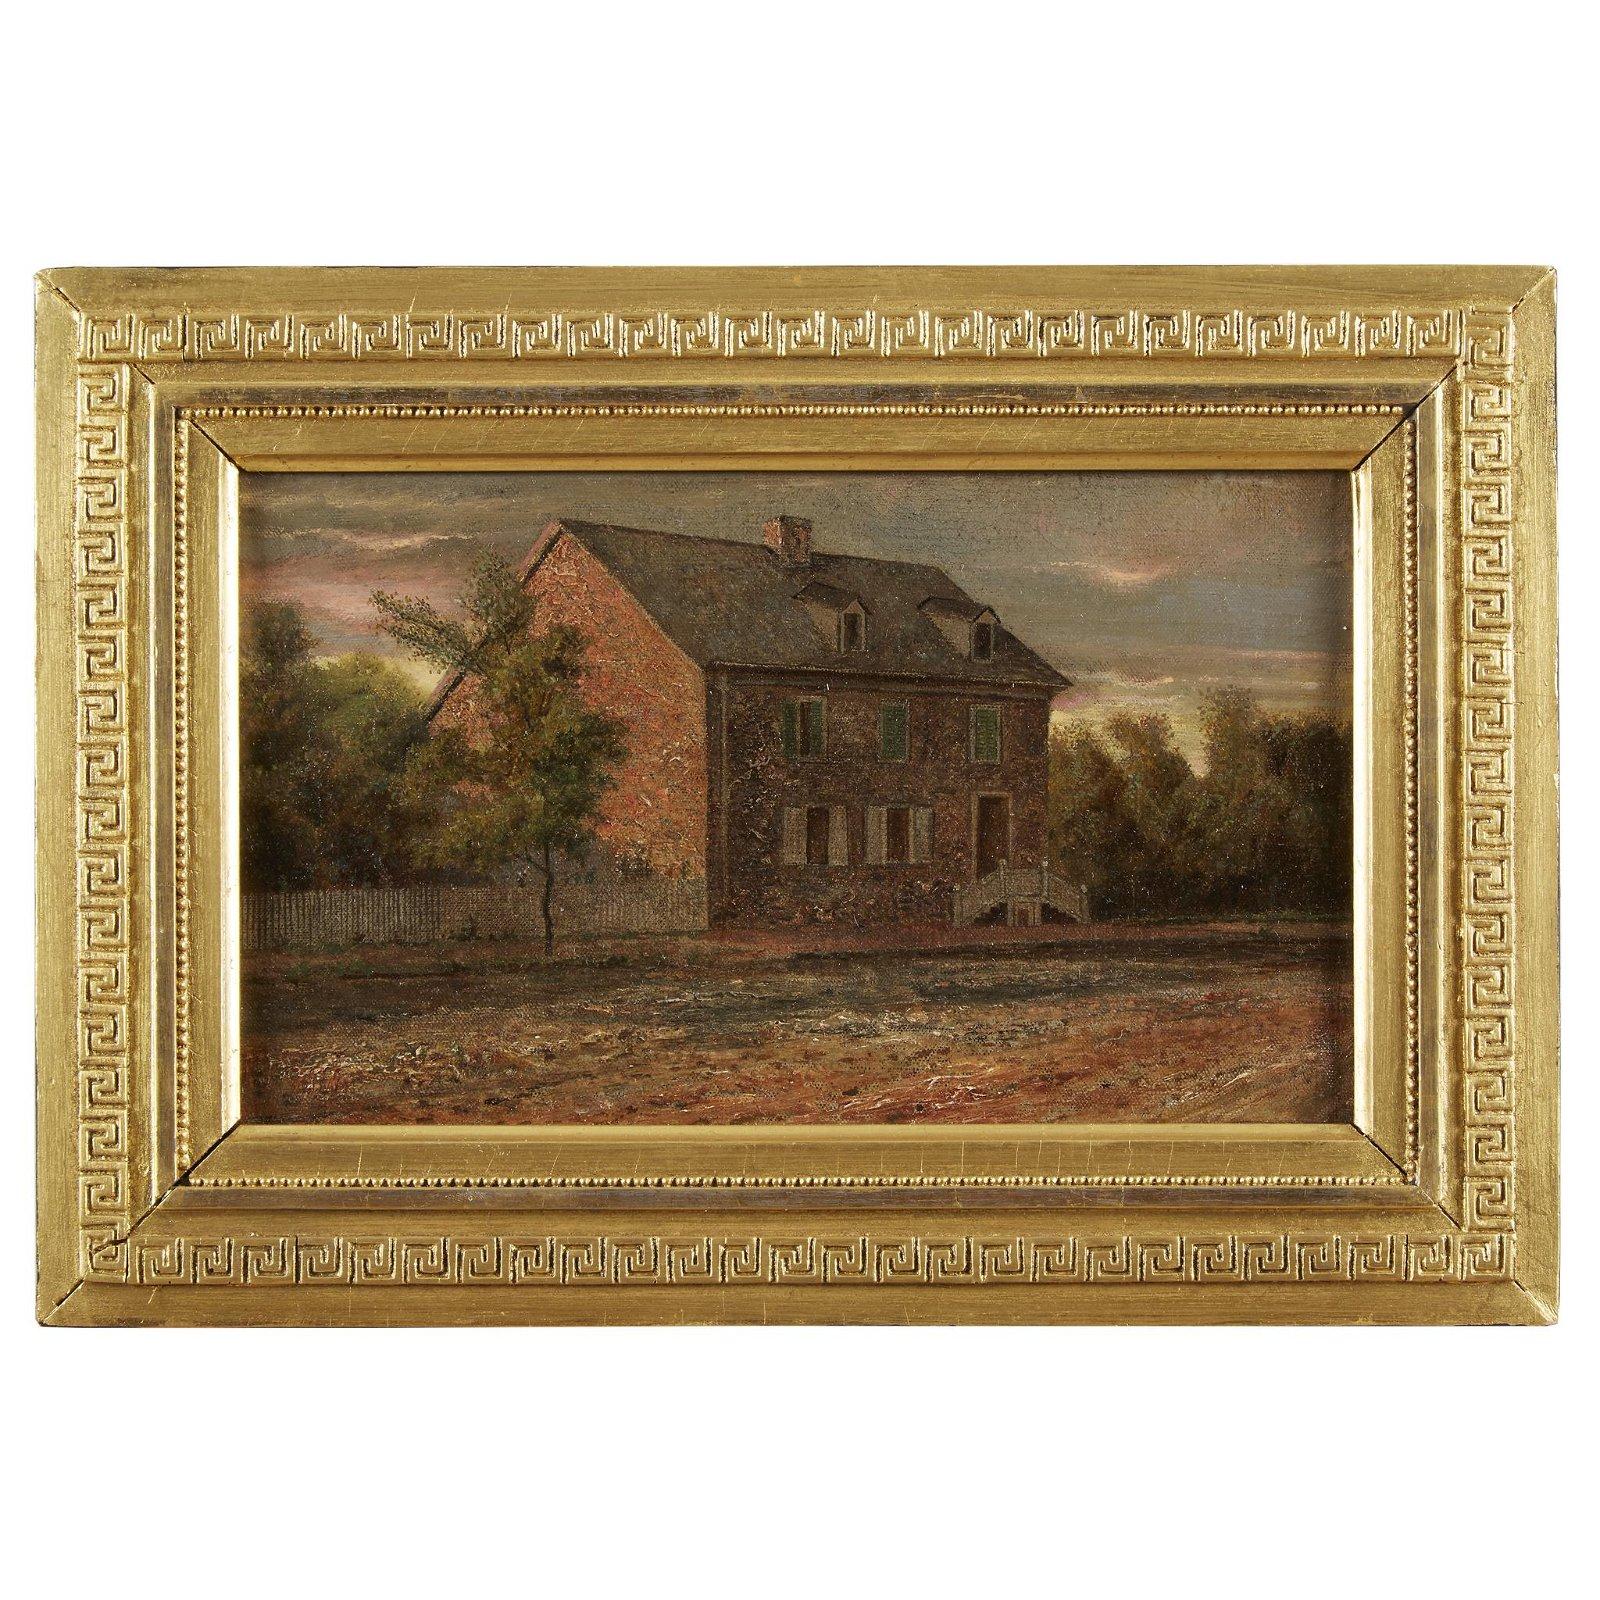 Thomas Otter (1832-1890), Two works: Washington's